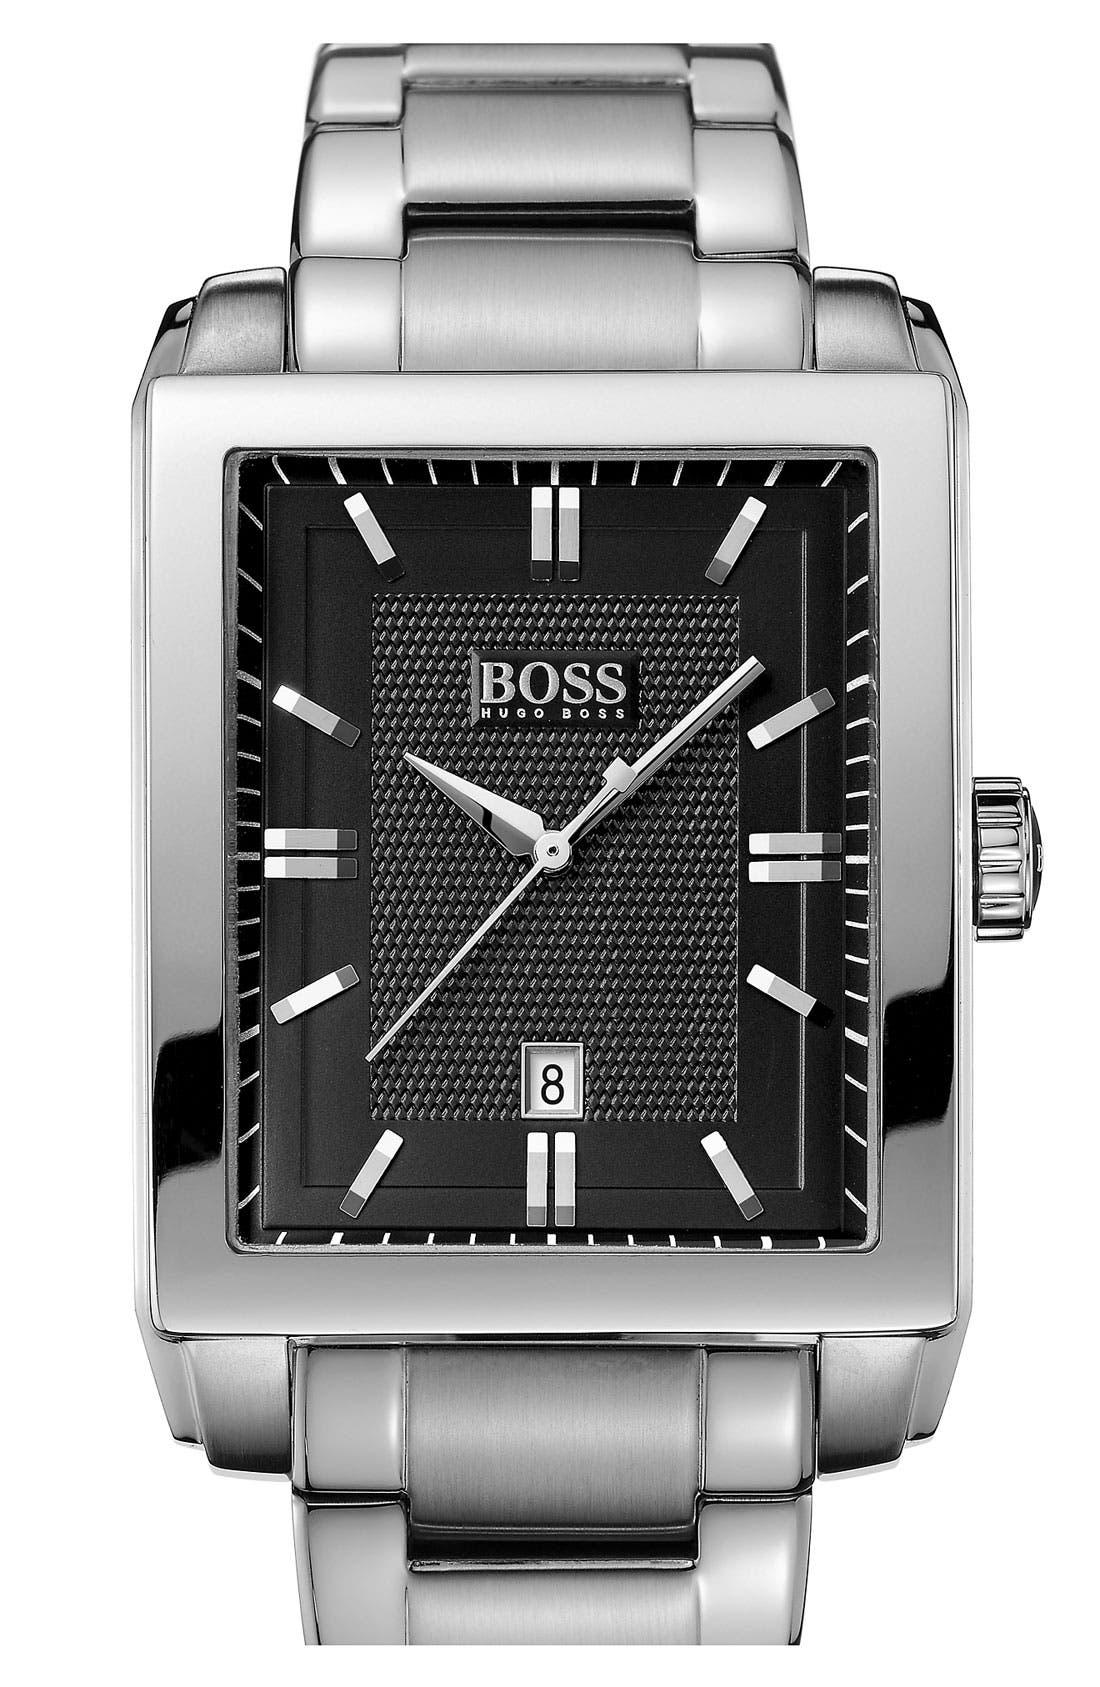 Main Image - BOSS HUGO BOSS Rectangular Bracelet Watch, 35mm x 40mm